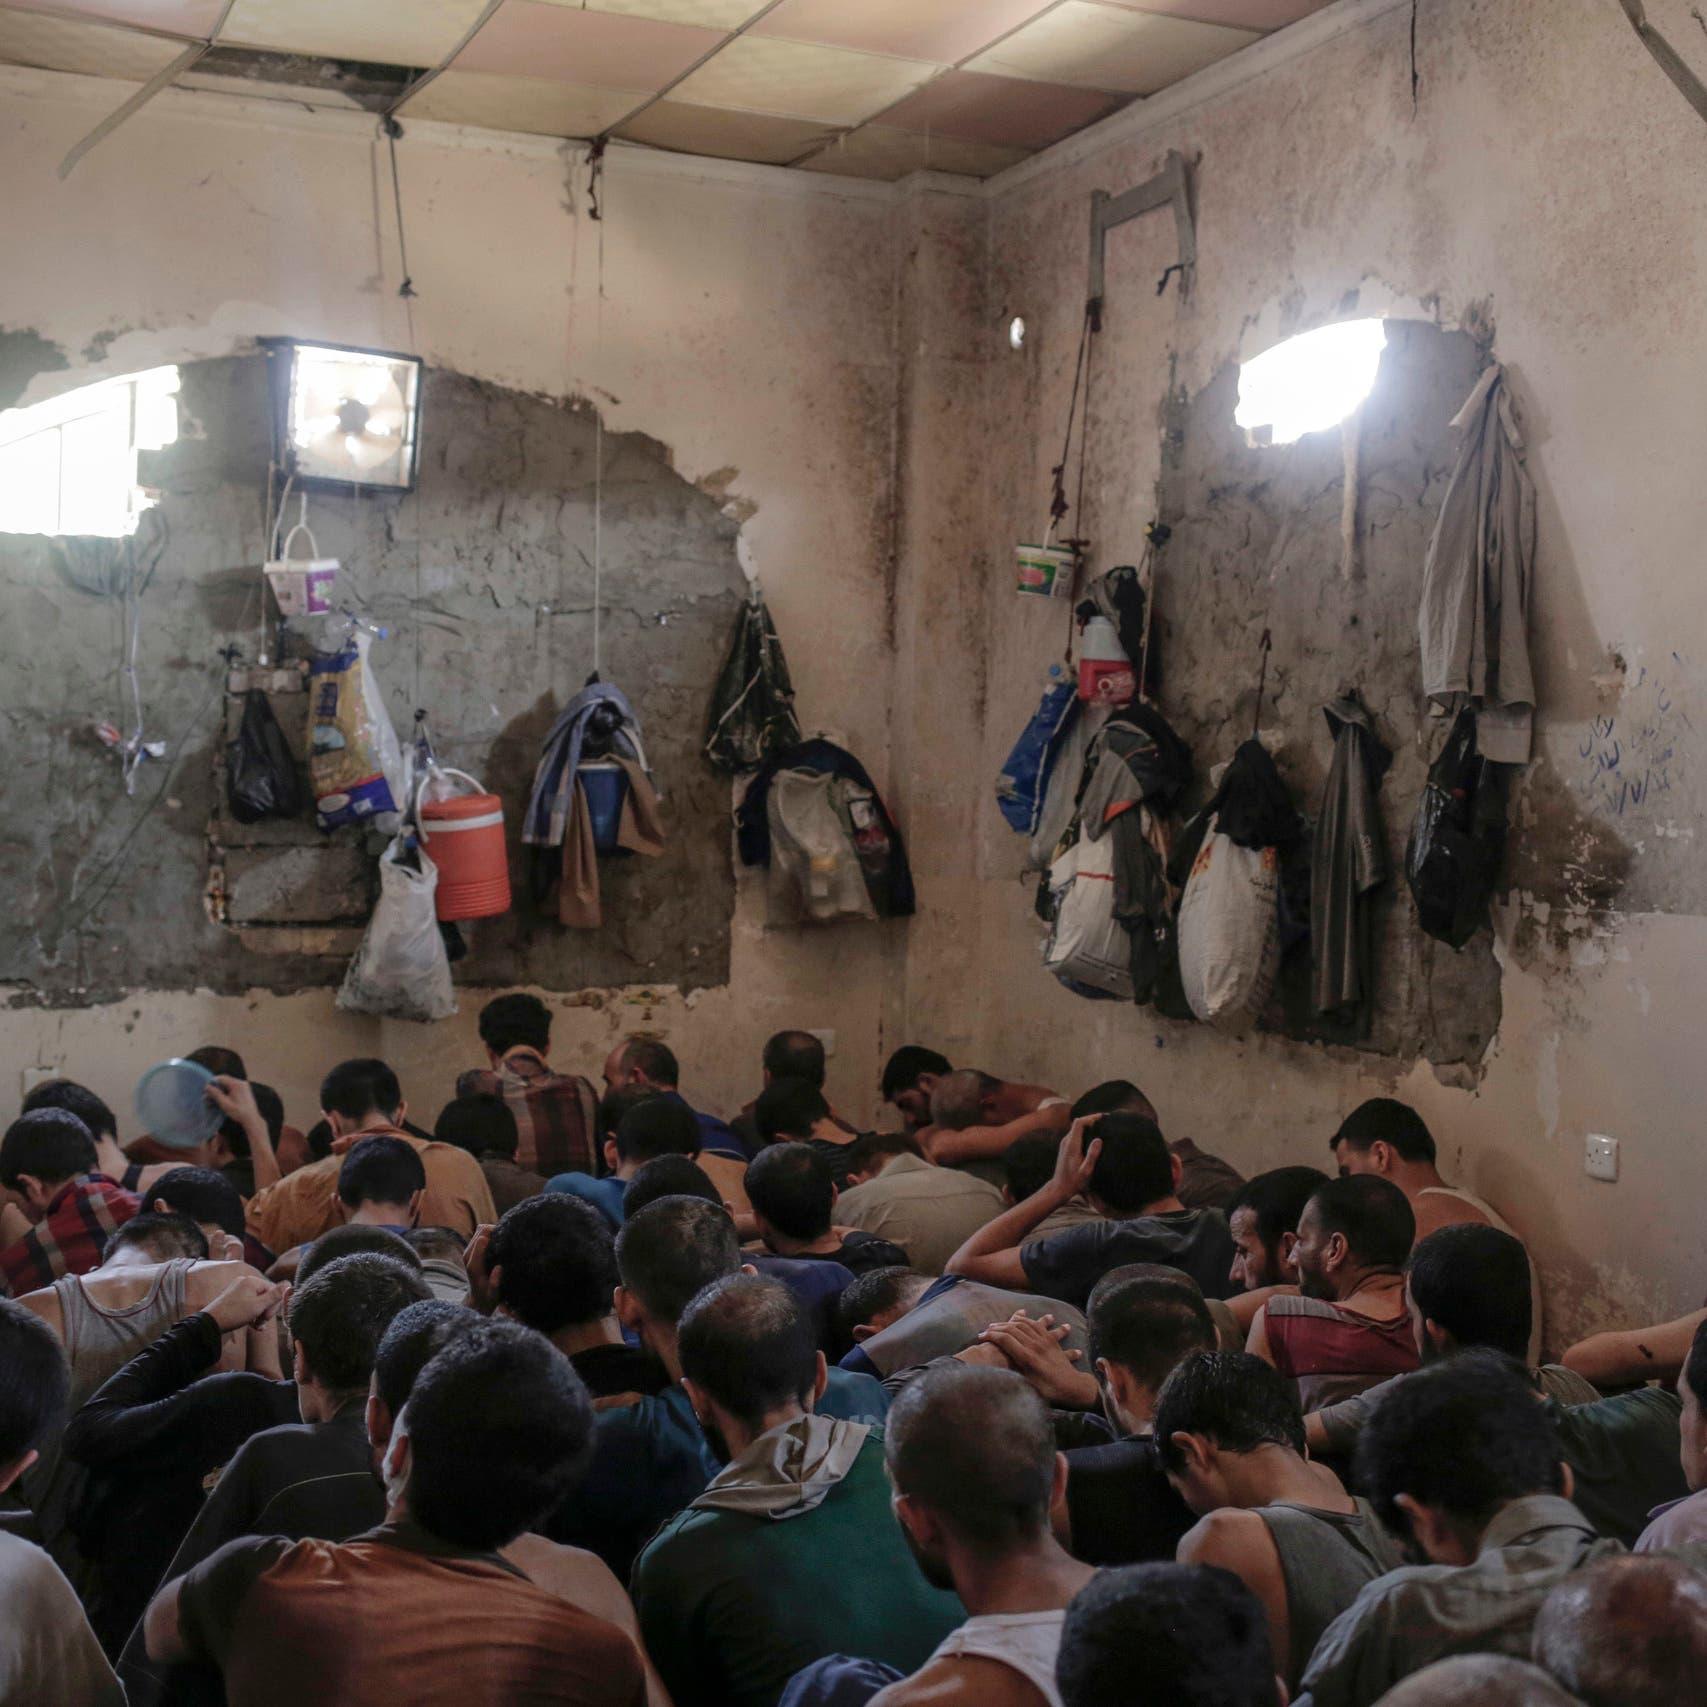 هيومن رايتس ووتش: العراق يحتجز الآلاف في ظروف مهينة